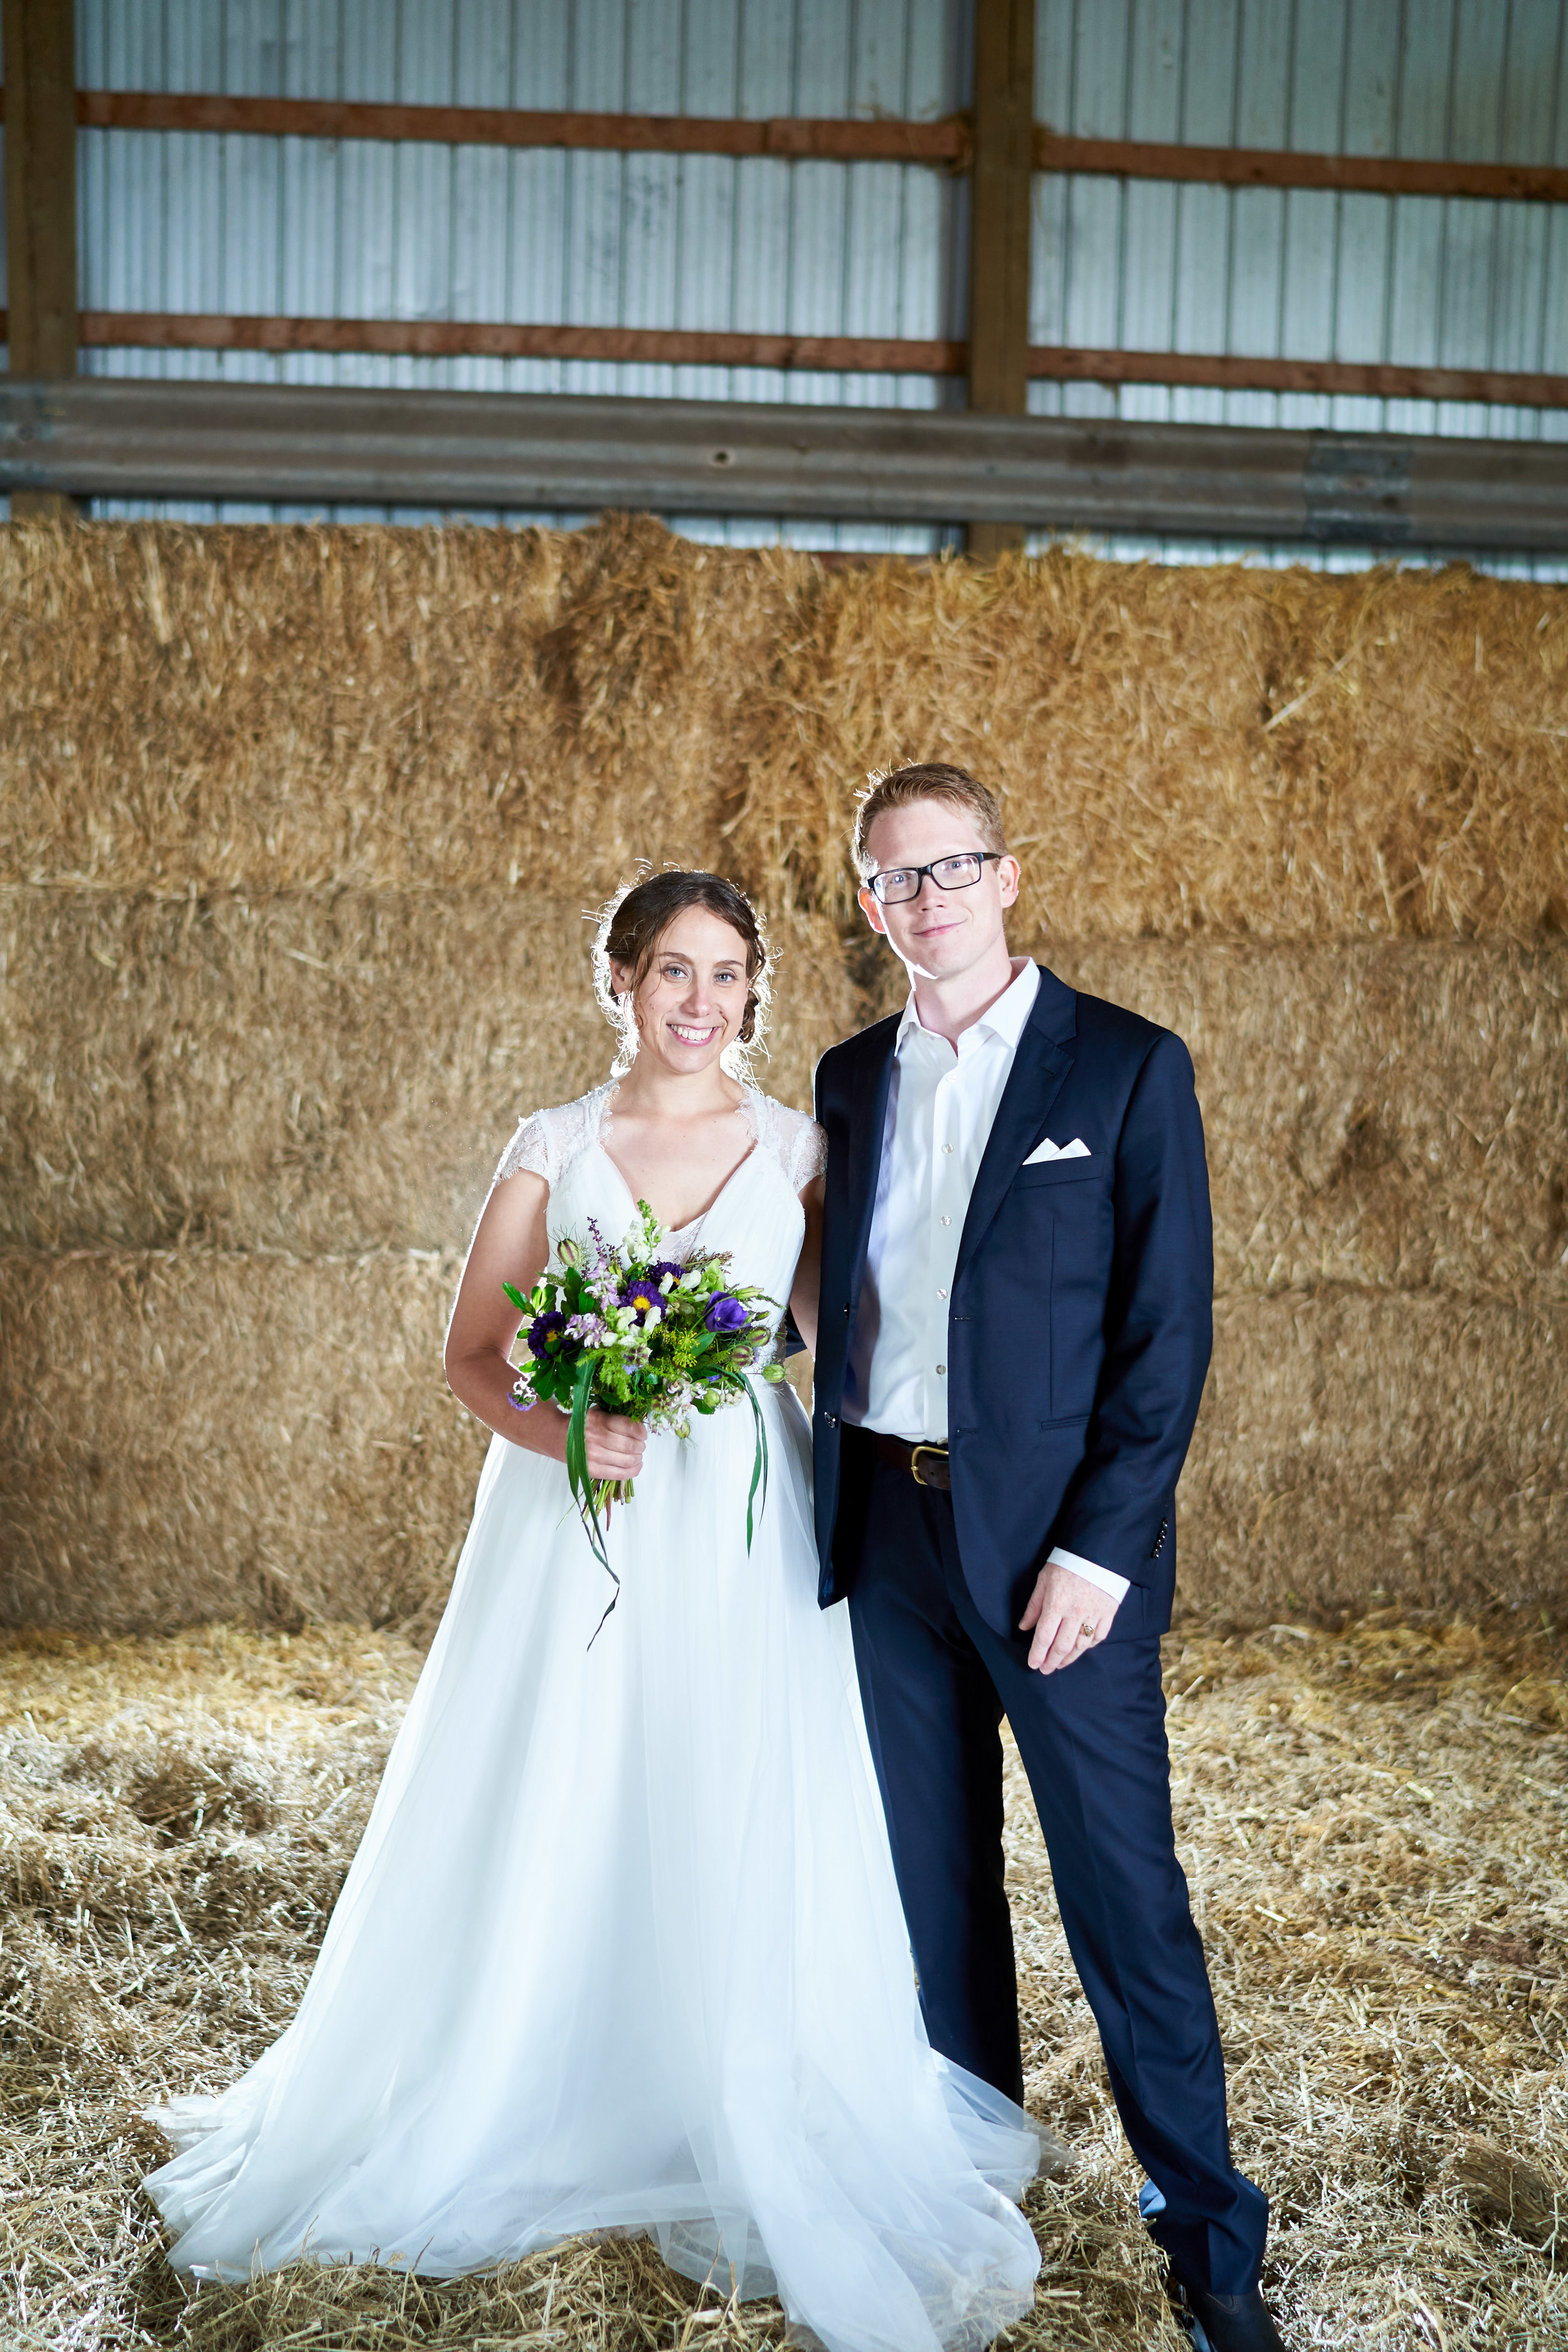 Amy-Lee & James' Wedding 458.jpg